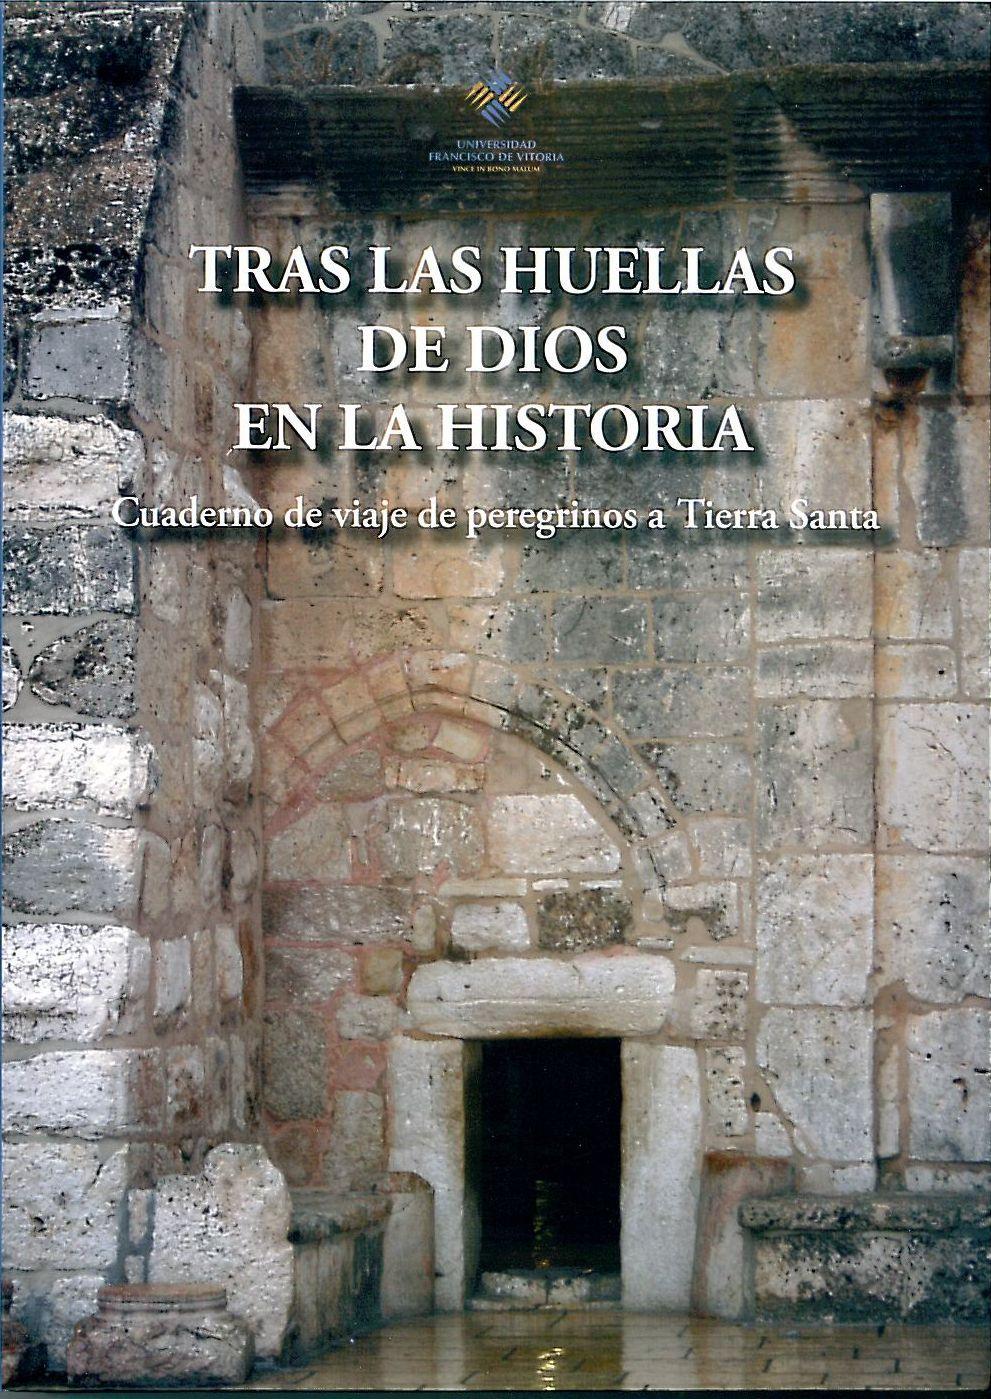 Tras Las Huellas De Dios En La Historia Cuadernos De Viaje De Peregrinos A Tierra Santa Editorial Ufv